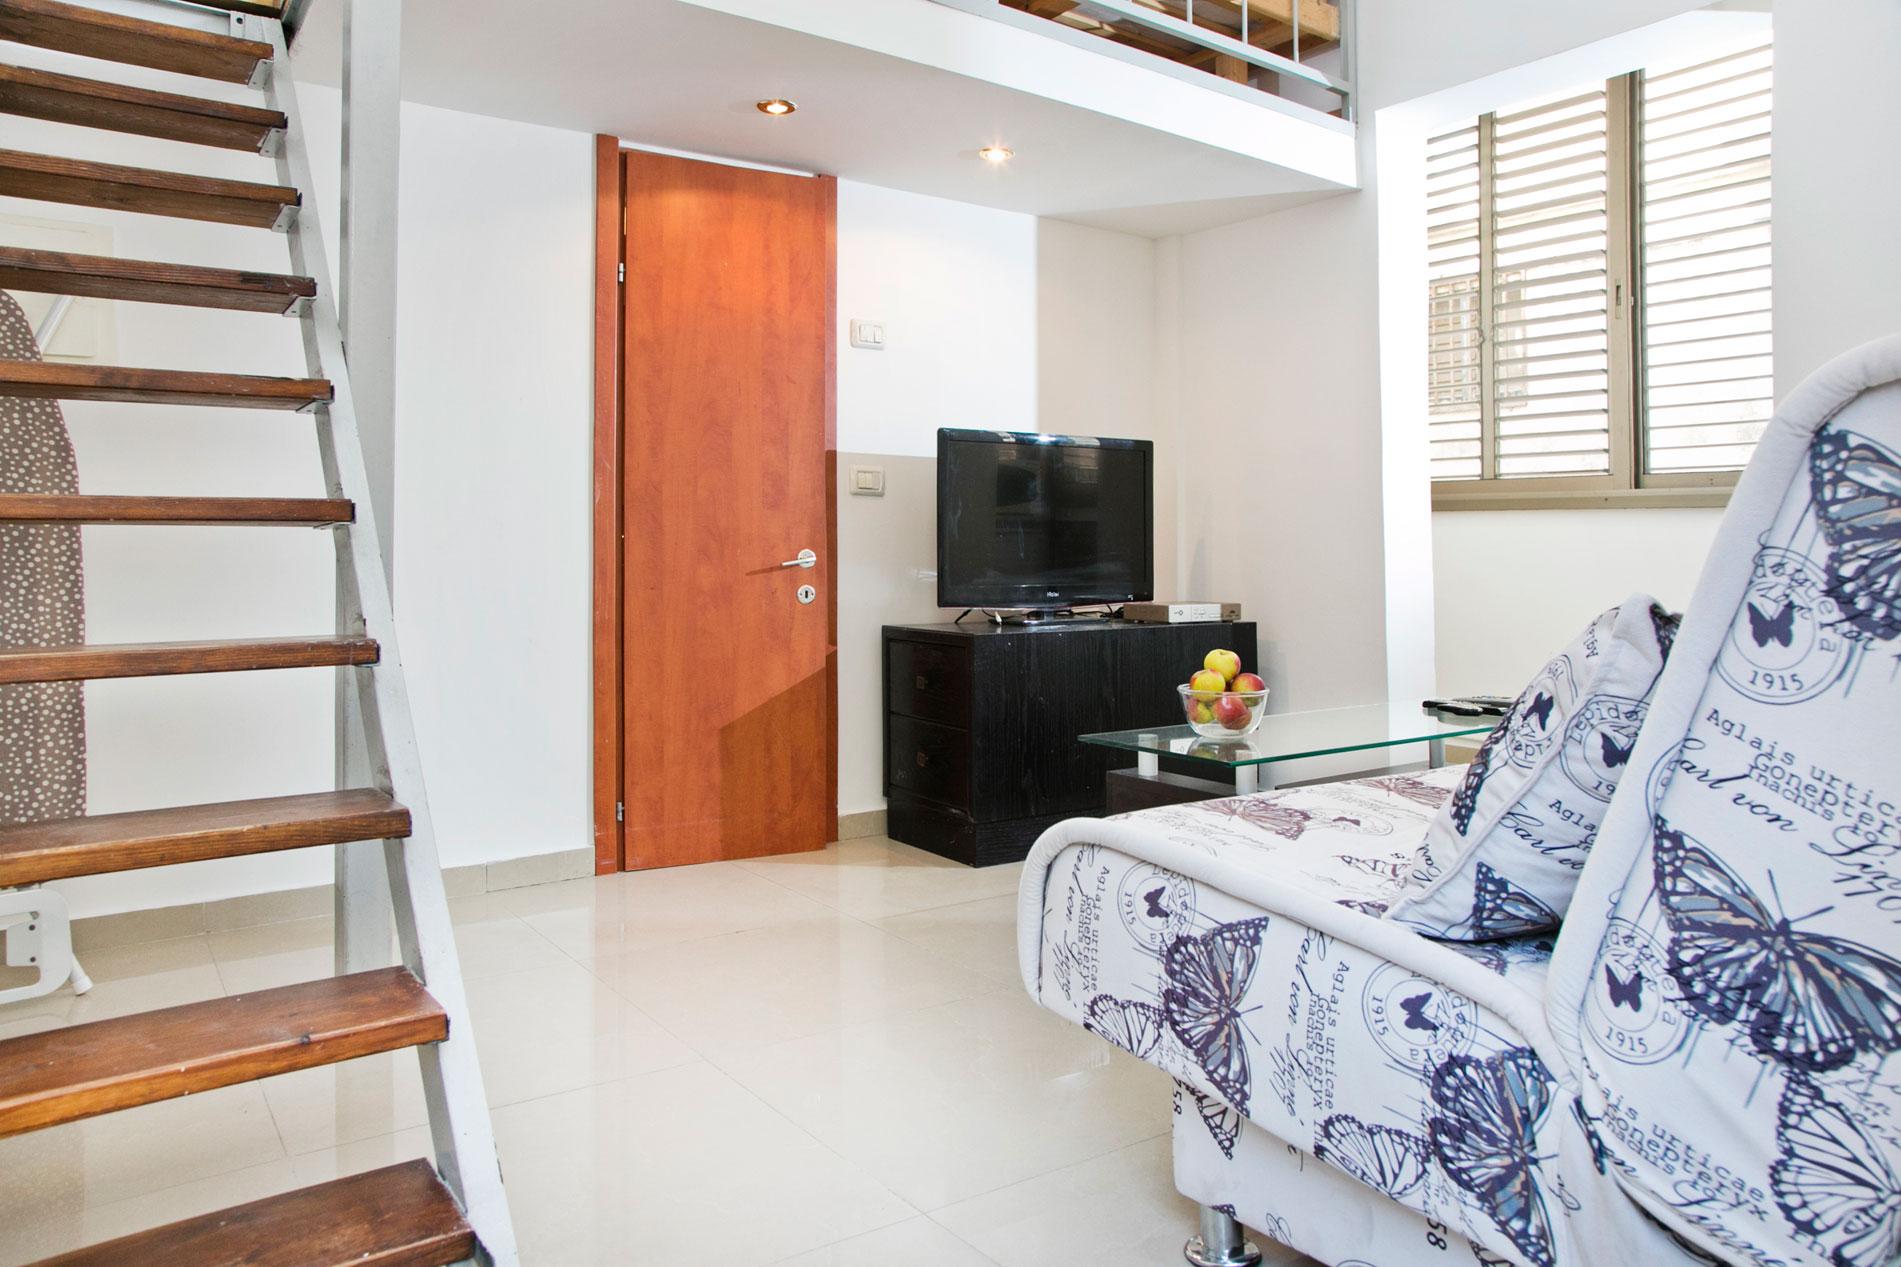 Аренда домов квартир за рубежом